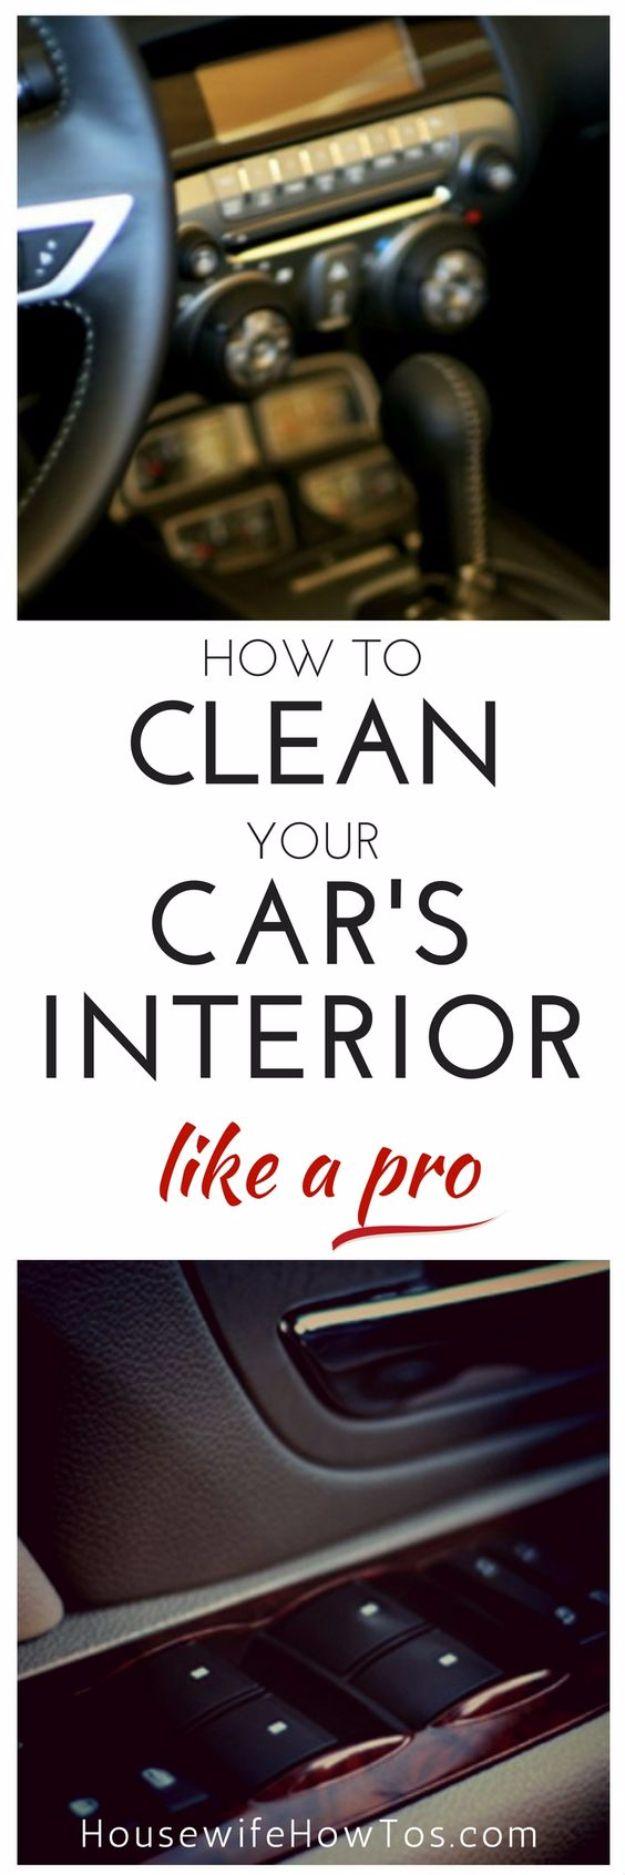 Car interior homemade cleaner - Homemade Car Interior Cleaning Wipes Homemade Cars And Car Interiors